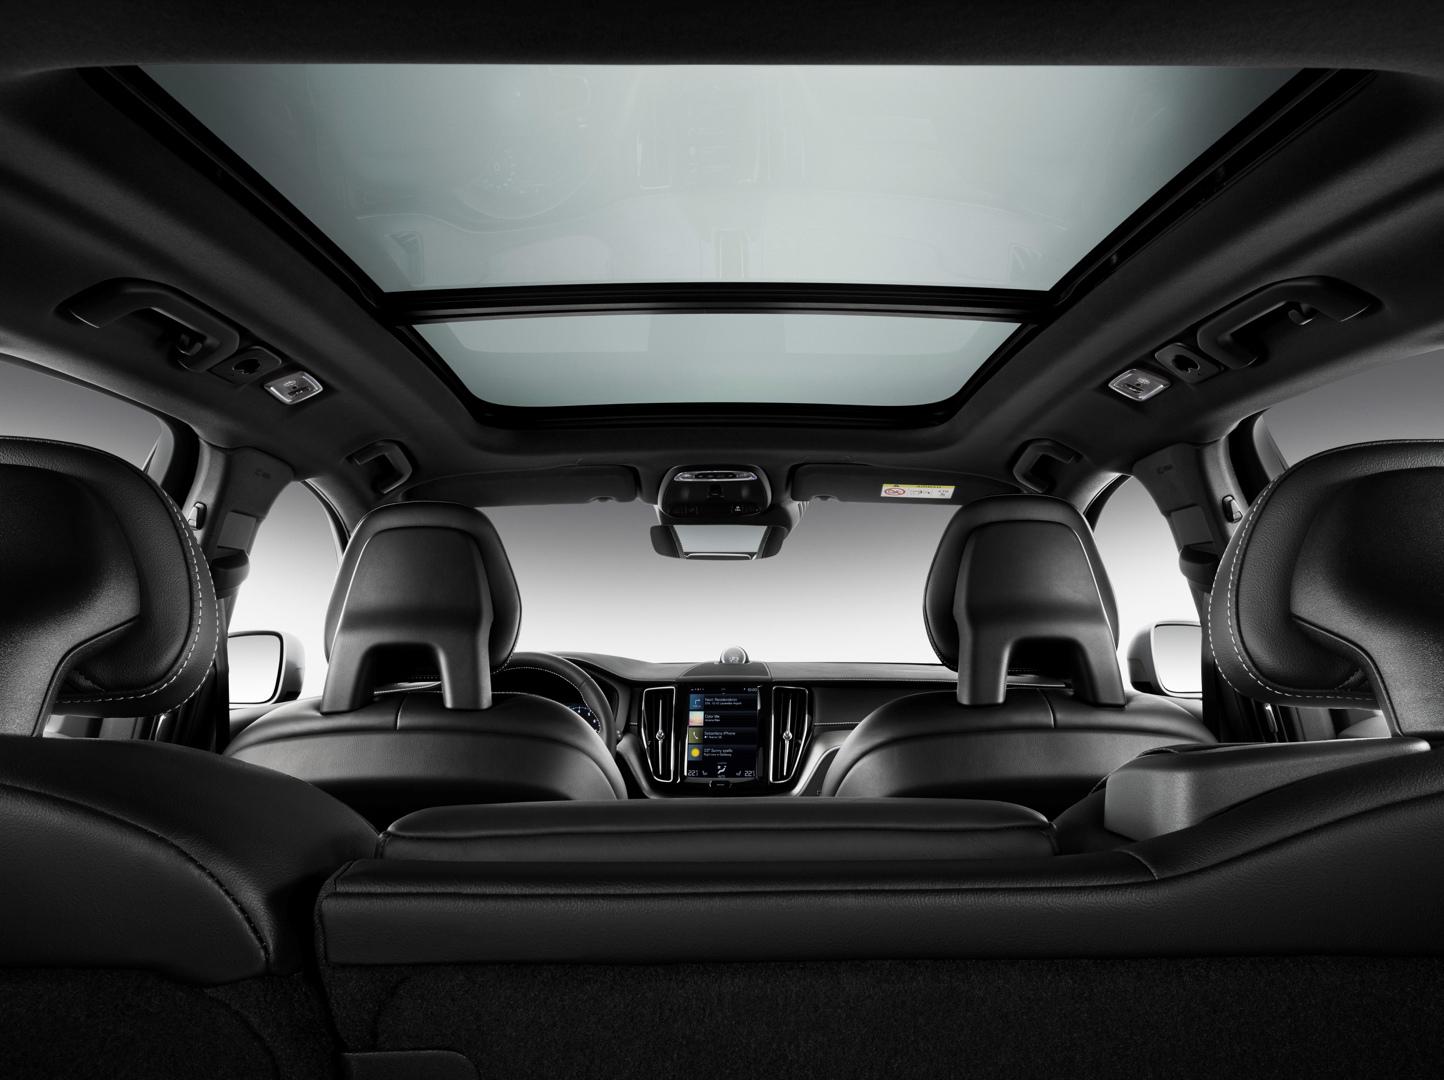 205045_The_new_Volvo_XC60